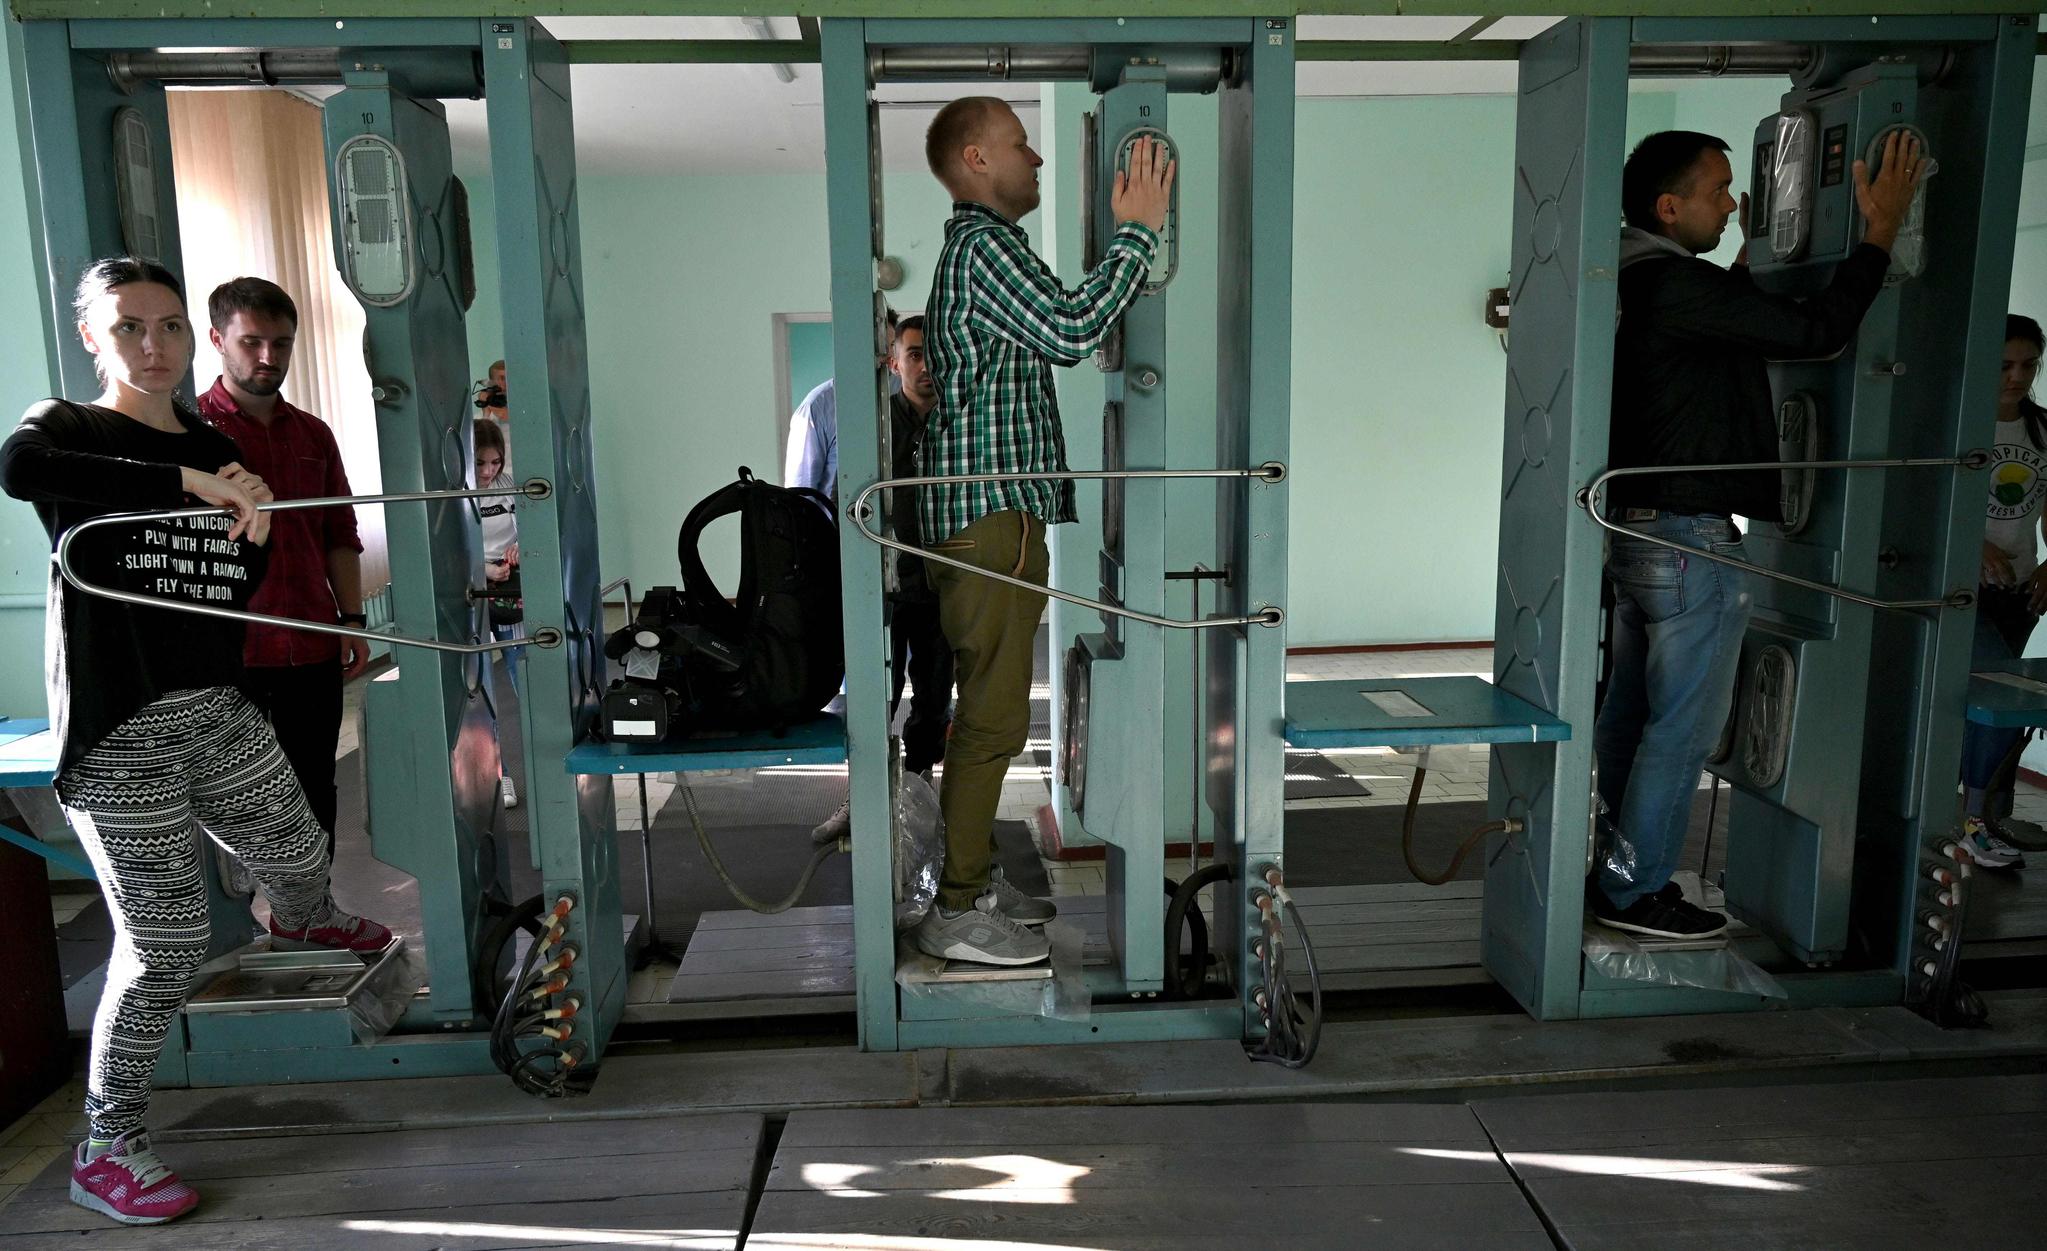 지난 6월 7일 관광객들이 체르노빌 '금지구역'을 돌아보는 동안 방사선 측정장치를 통과하고 있다. [AFP=연합뉴스]